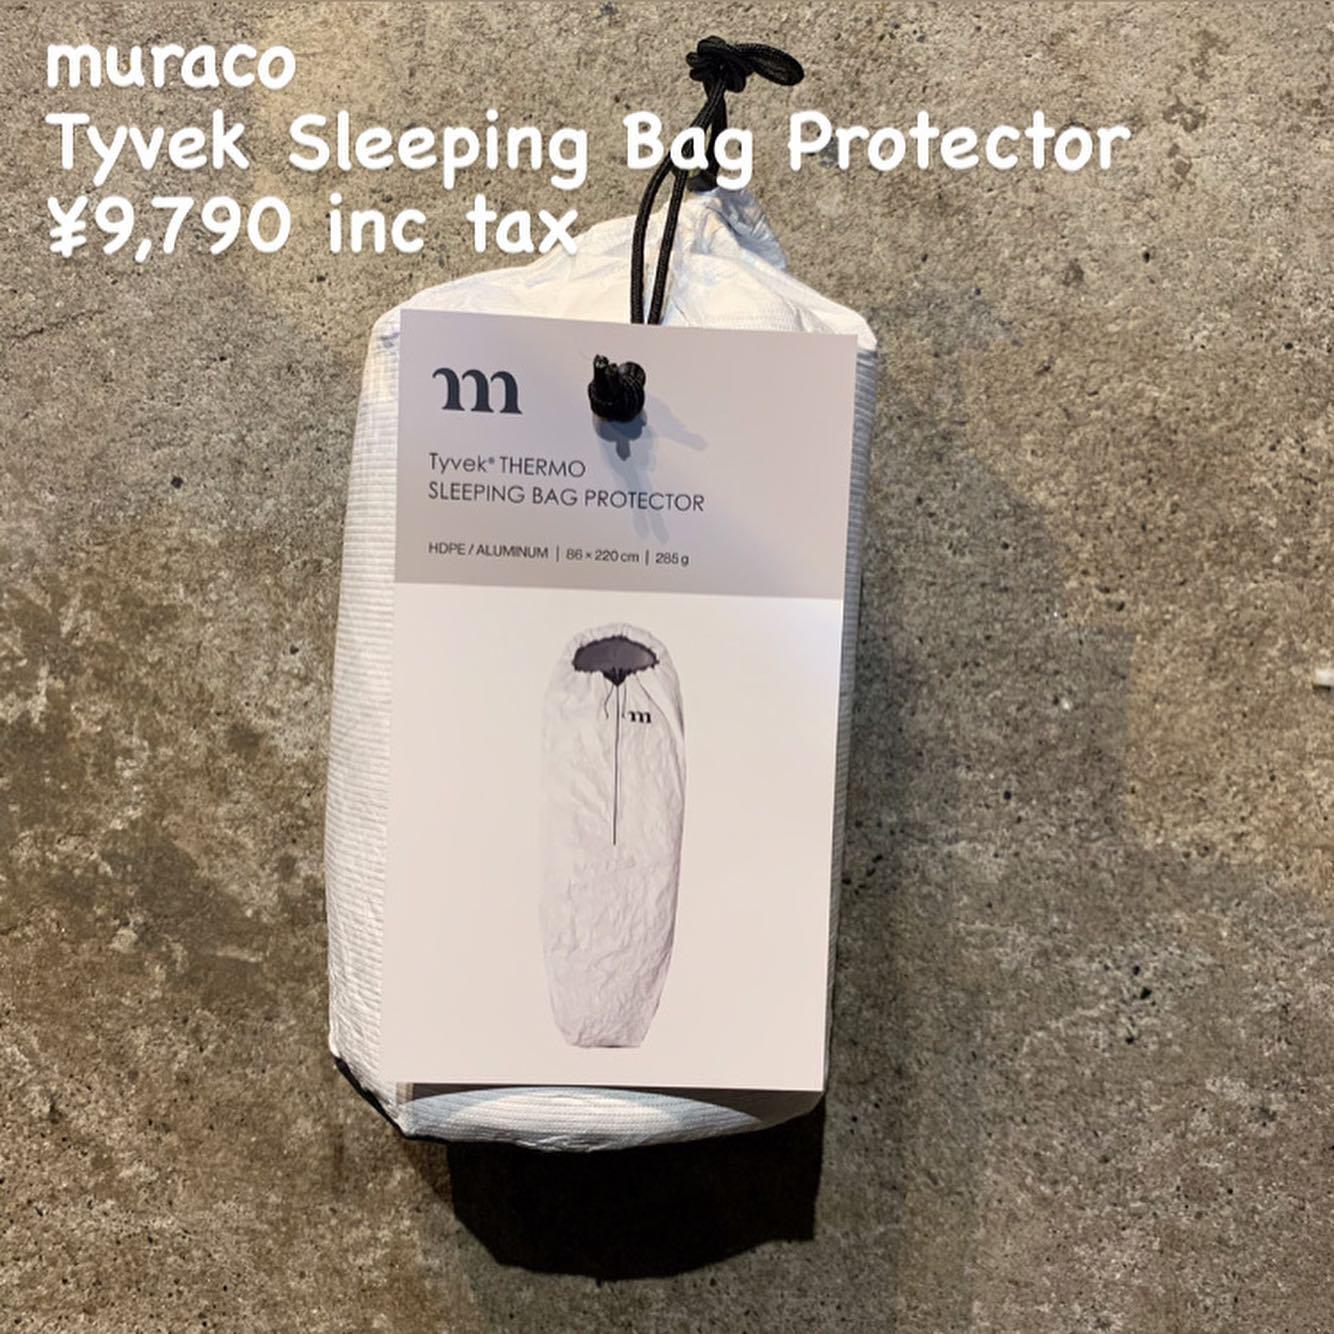 結露などからスリーピングバッグ本対を守る『muraco タイベック サーモ スリーピングバッグ プロテクター』のご紹介